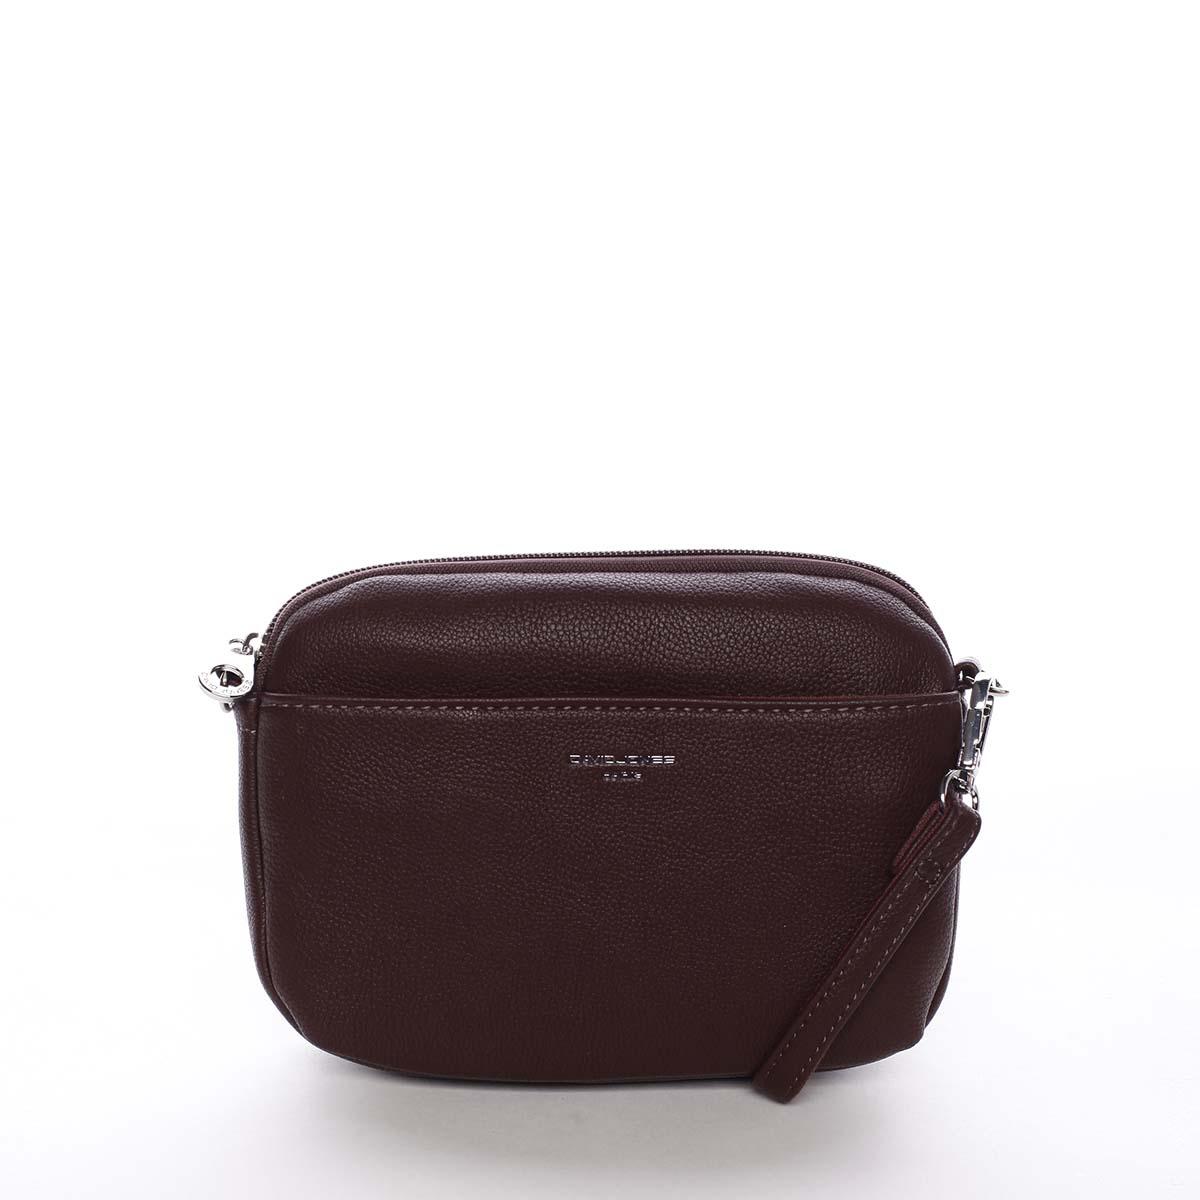 Malá dámská crossbody kabelka tmavě fialová - David Jones Berivan